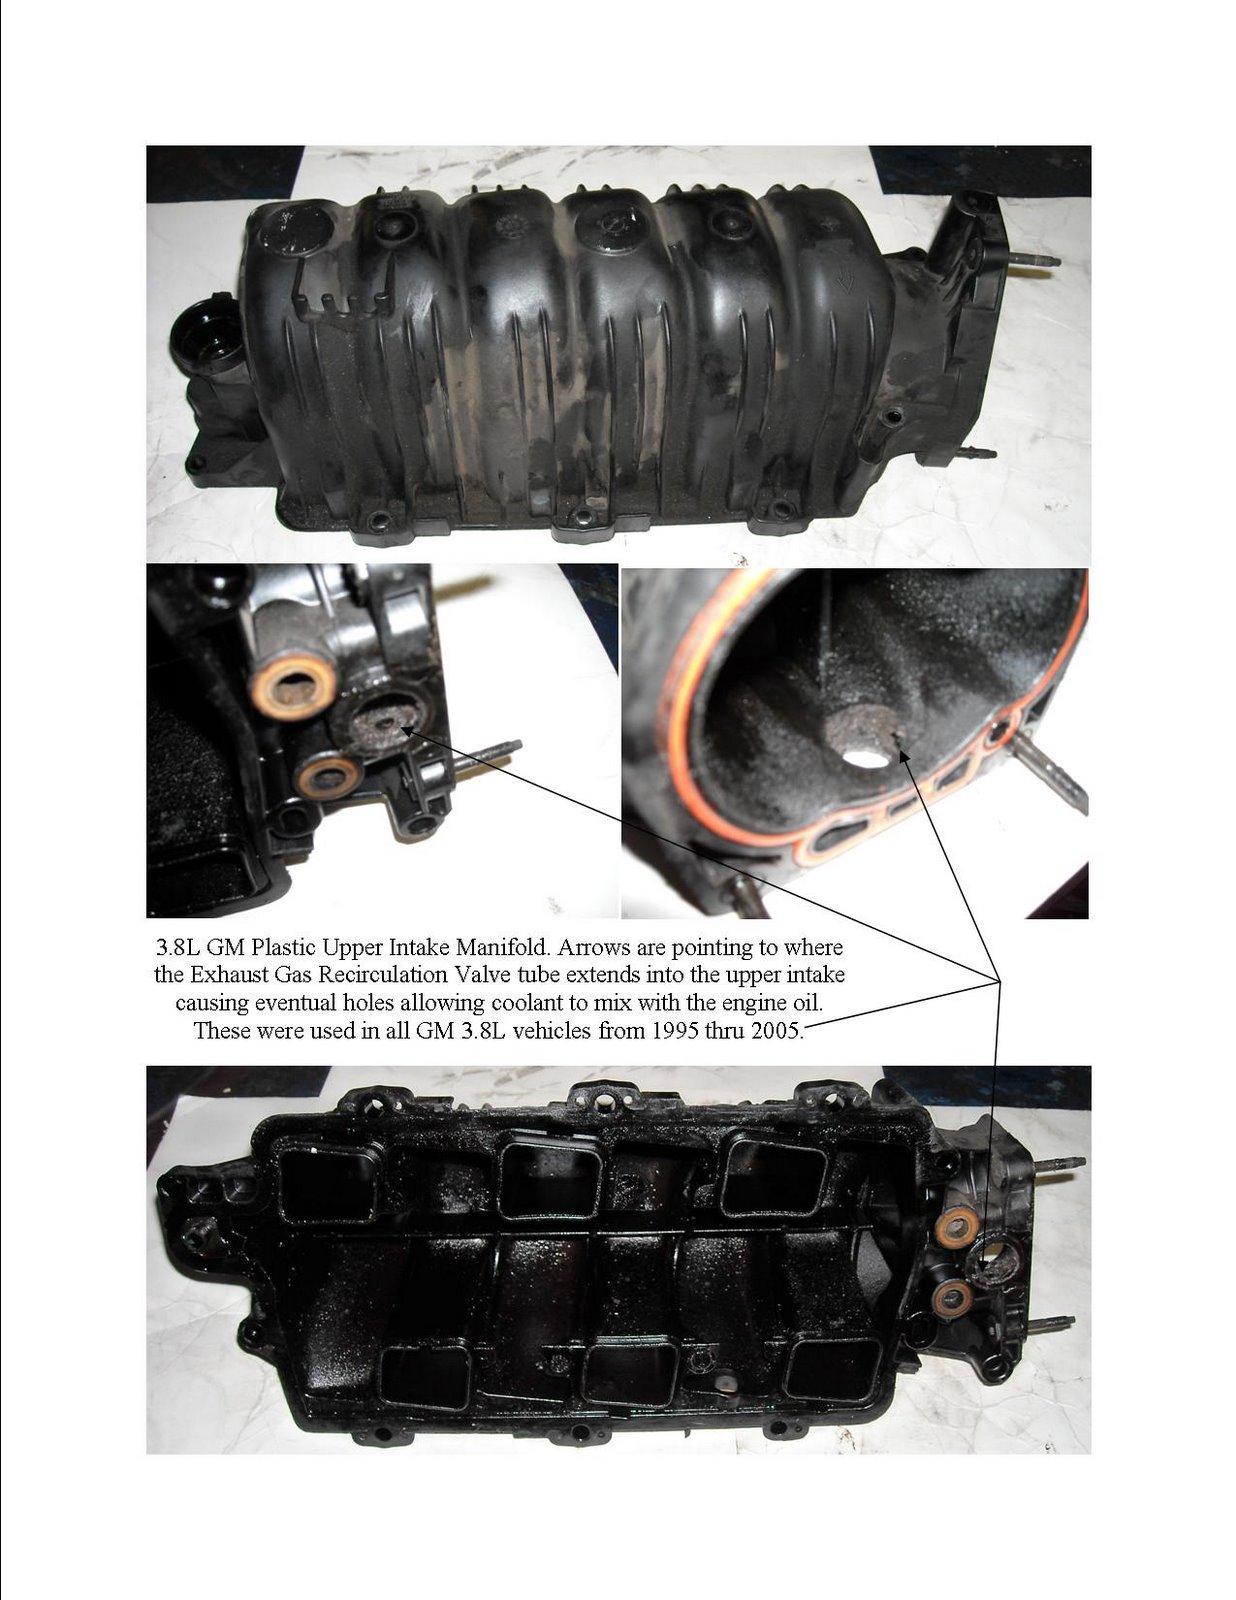 L Plastic Upper Intake Manifold